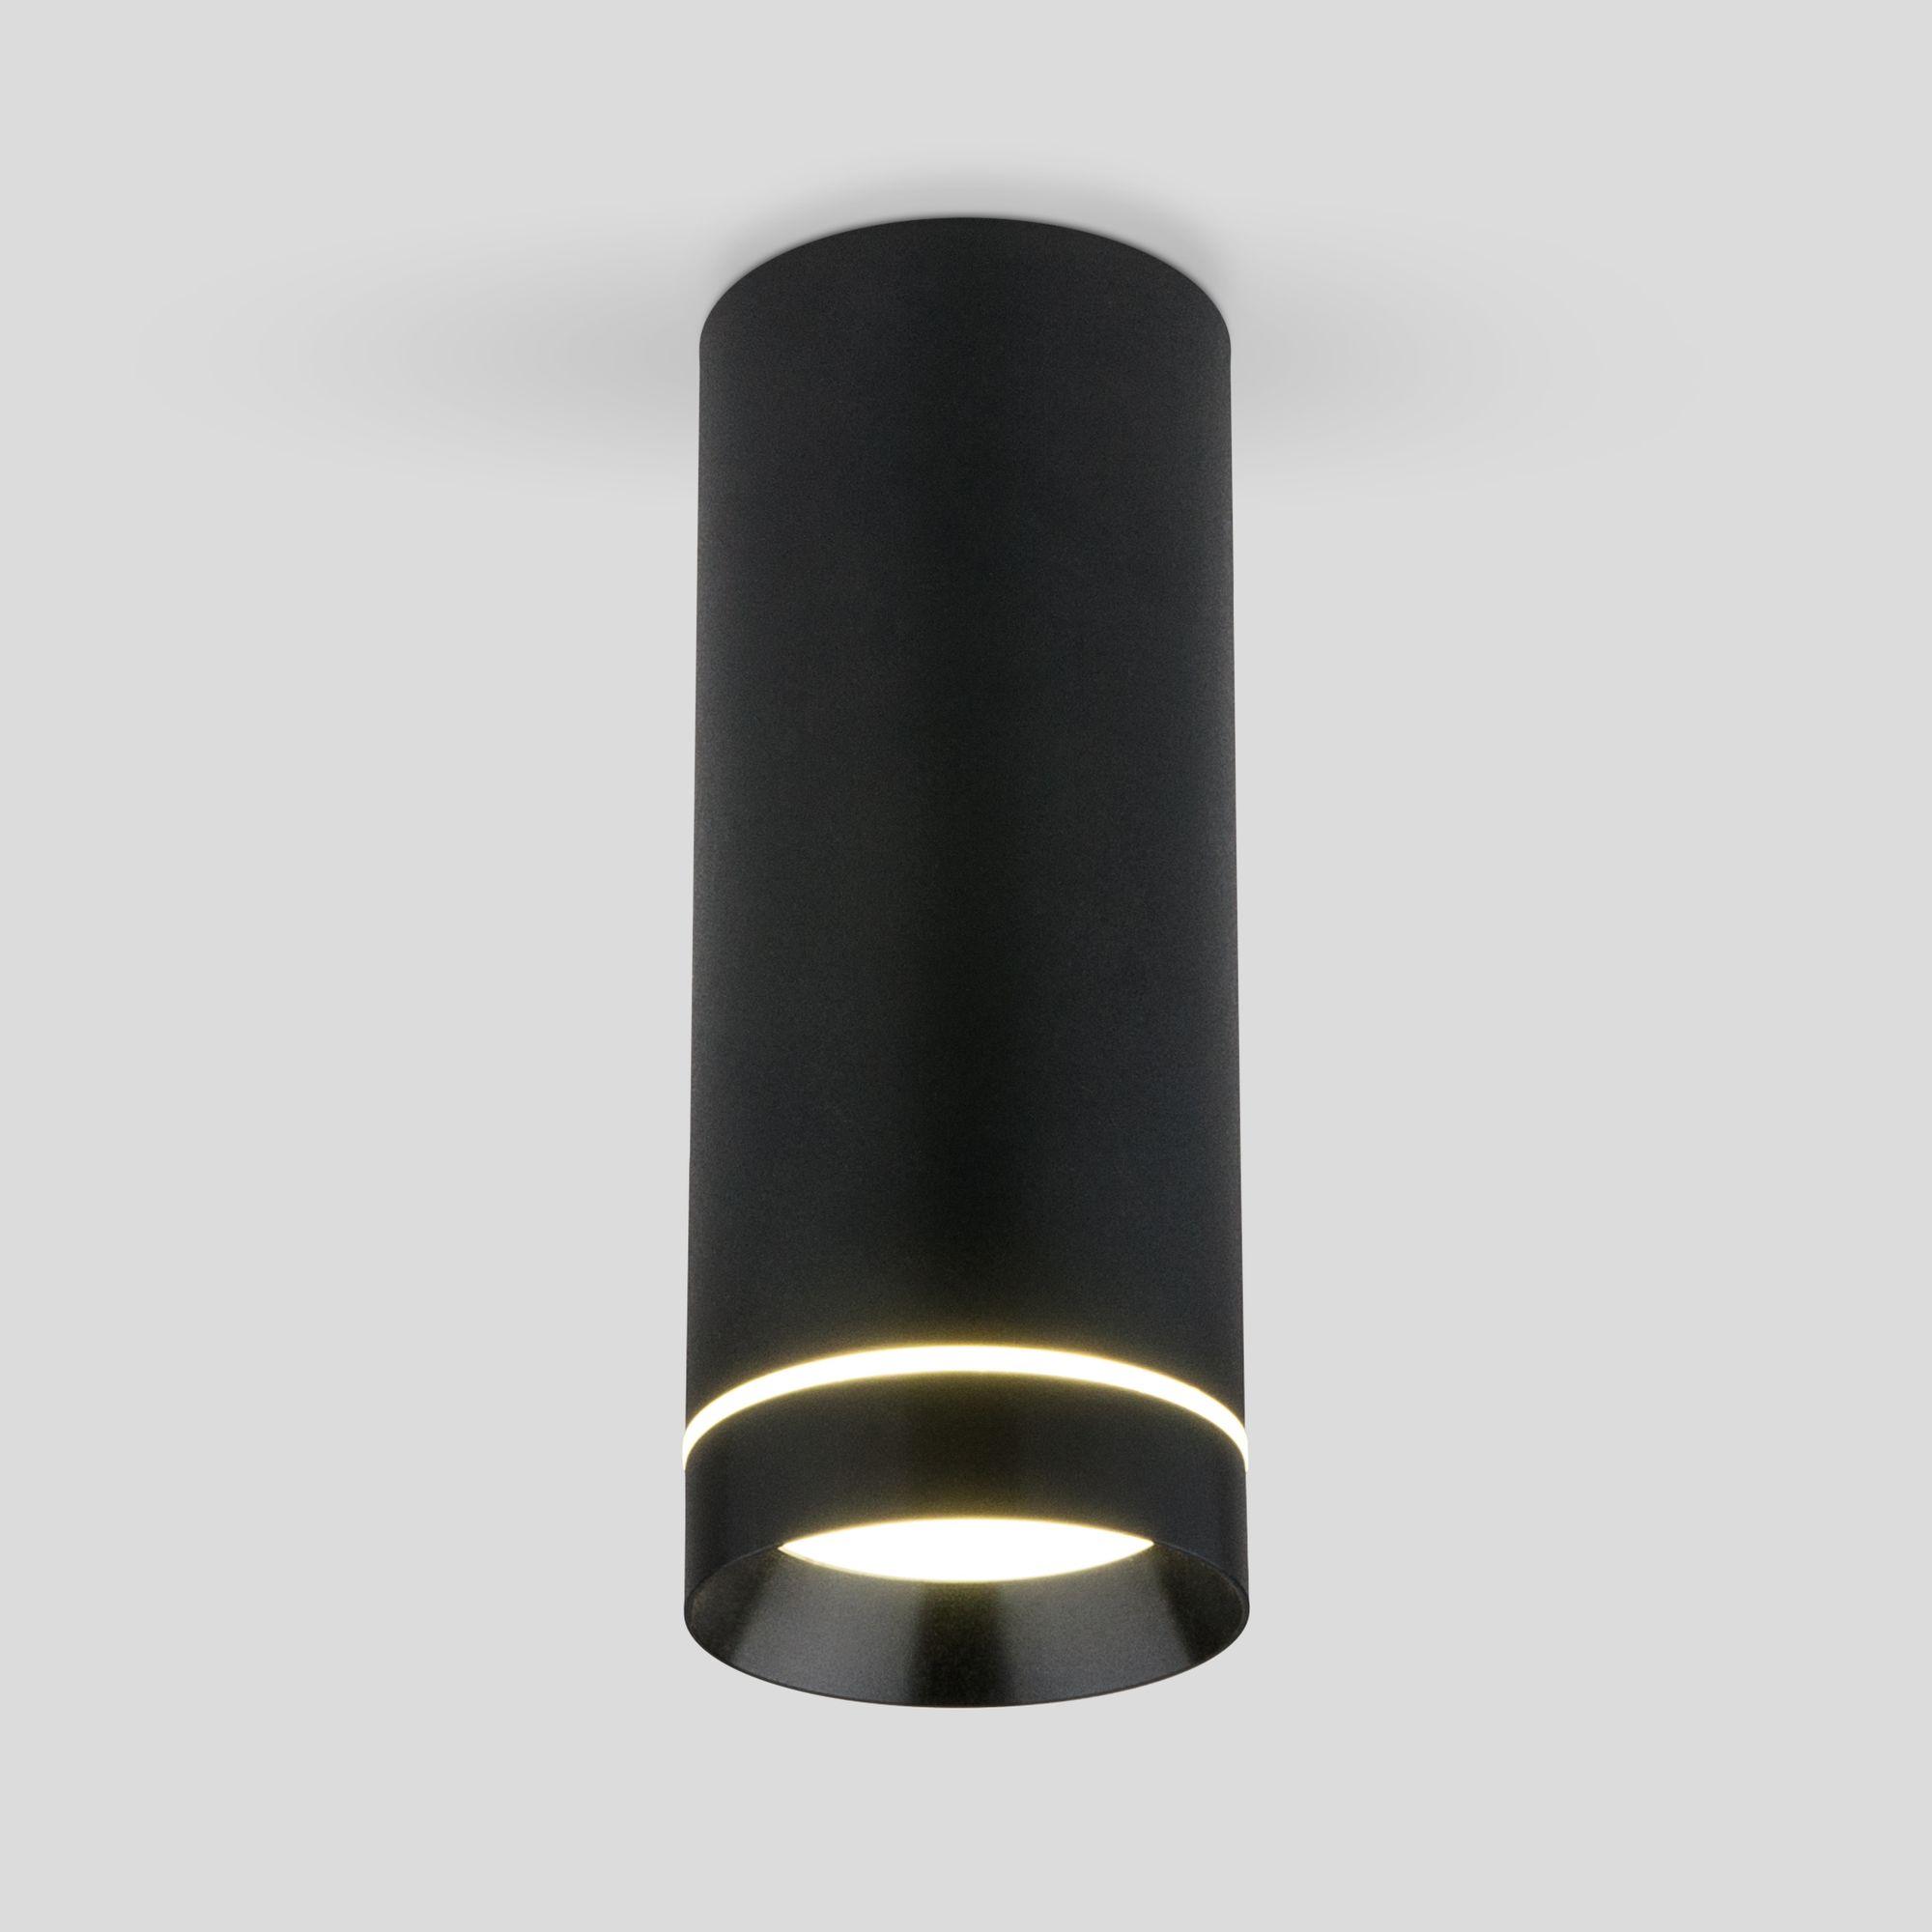 Накладной акцентный светодиодный светильник DLR022 12W 4200K черный матовый